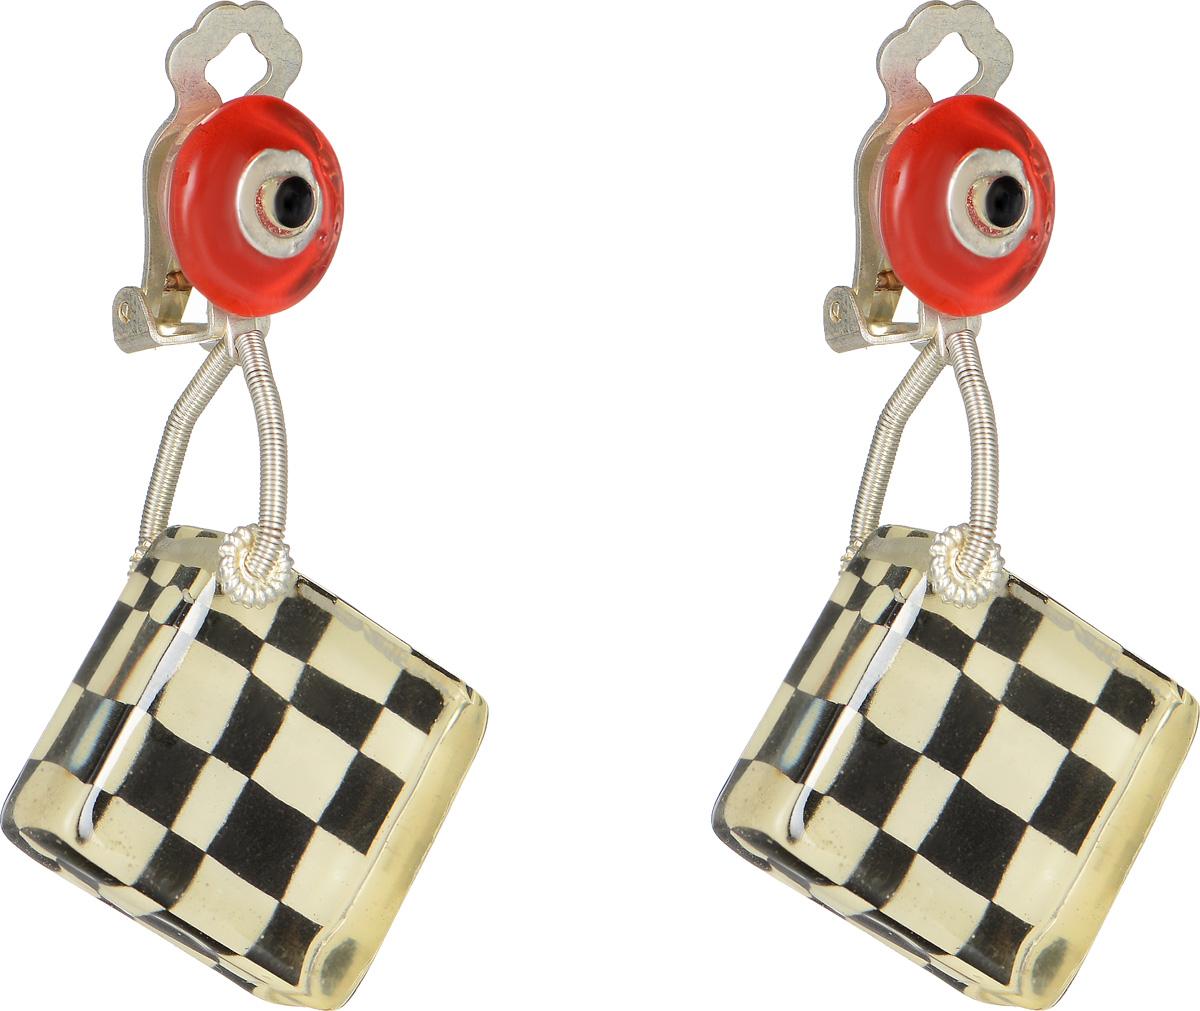 Клипсы Lalo Treasures Row цвет: черный, белый, красный. E3510-3Серьги с подвескамиОригинальные серьги Lalo Treasures Row изготовлены из металлического сплава, дополнены декоративными элементами из ювелирной смолы.Изделие оснащено клипсой, которая надежно зафиксирует серьги.Стильные серьги не оставят равнодушной ни одну любительницу изысканных украшений и помогут создать собственный неповторимый образ.